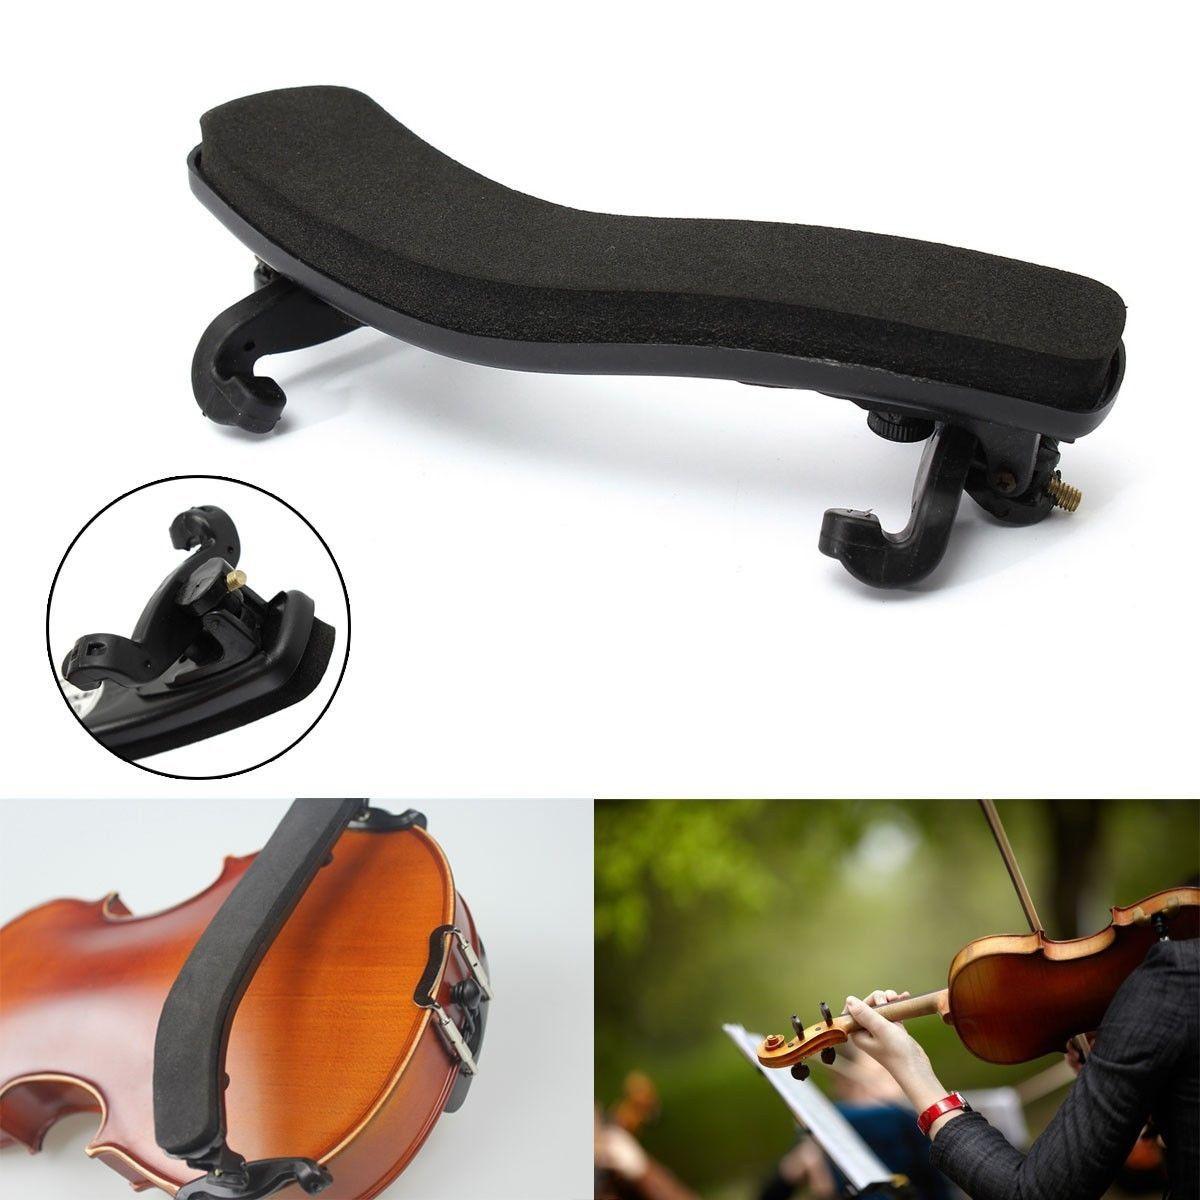 Black+Height+&+Angle+Adjustable+Violin+Shoulder+Rest+For+1